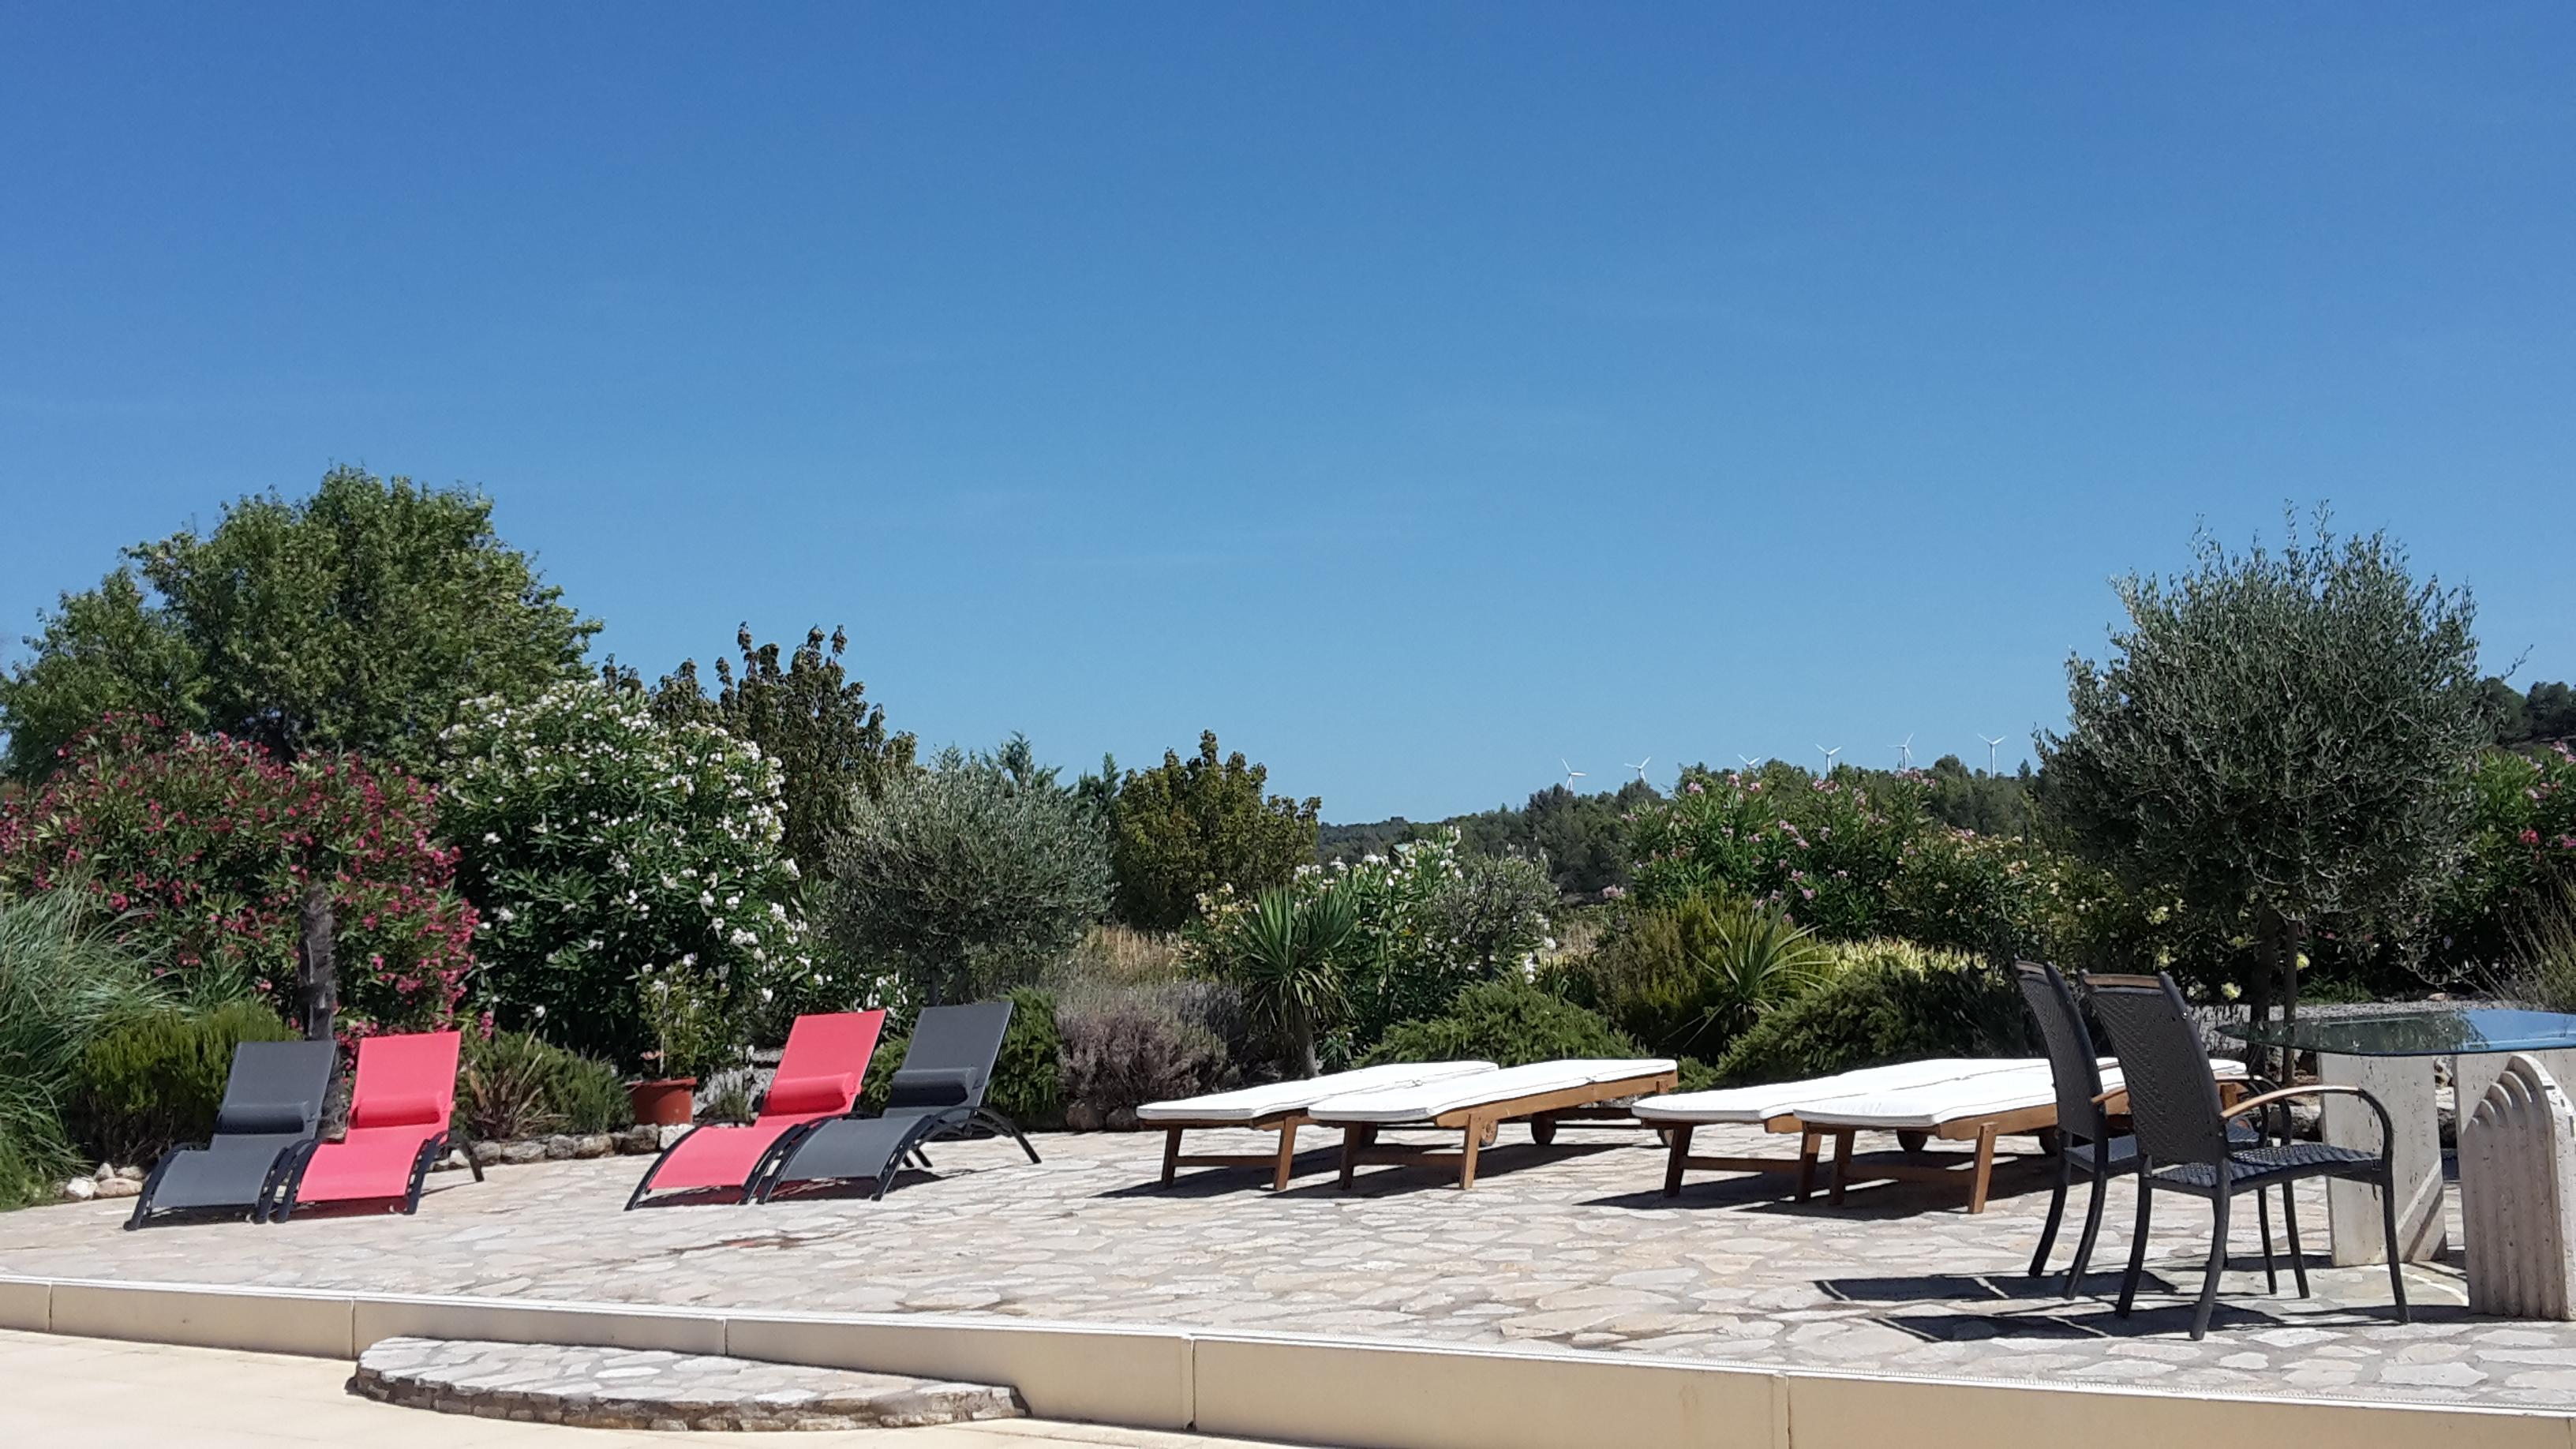 Vakantiehuis zuid frankrijk met prive zwembad - Terras teak zwembad ...